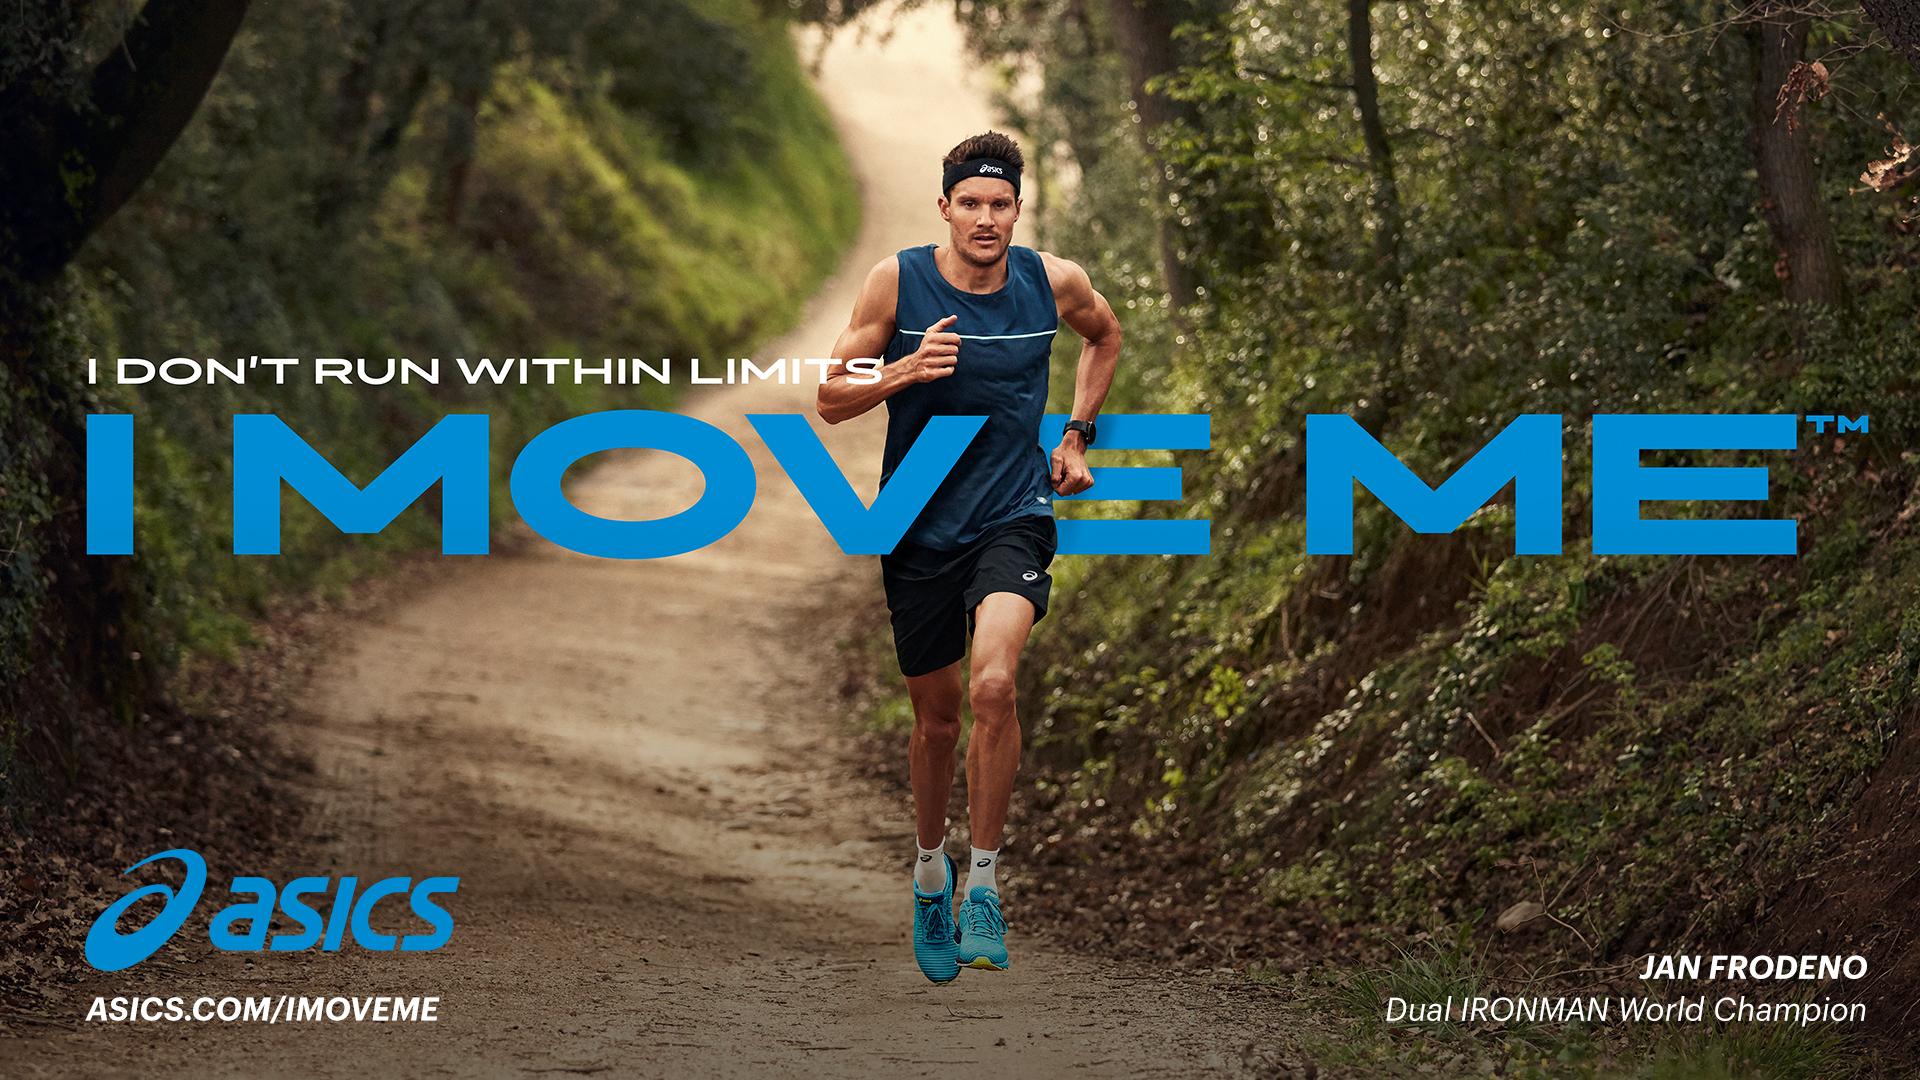 Cuerda fuga espada  ASICS SS18 'I Move Me' Brand campaign - SUPERLARGE